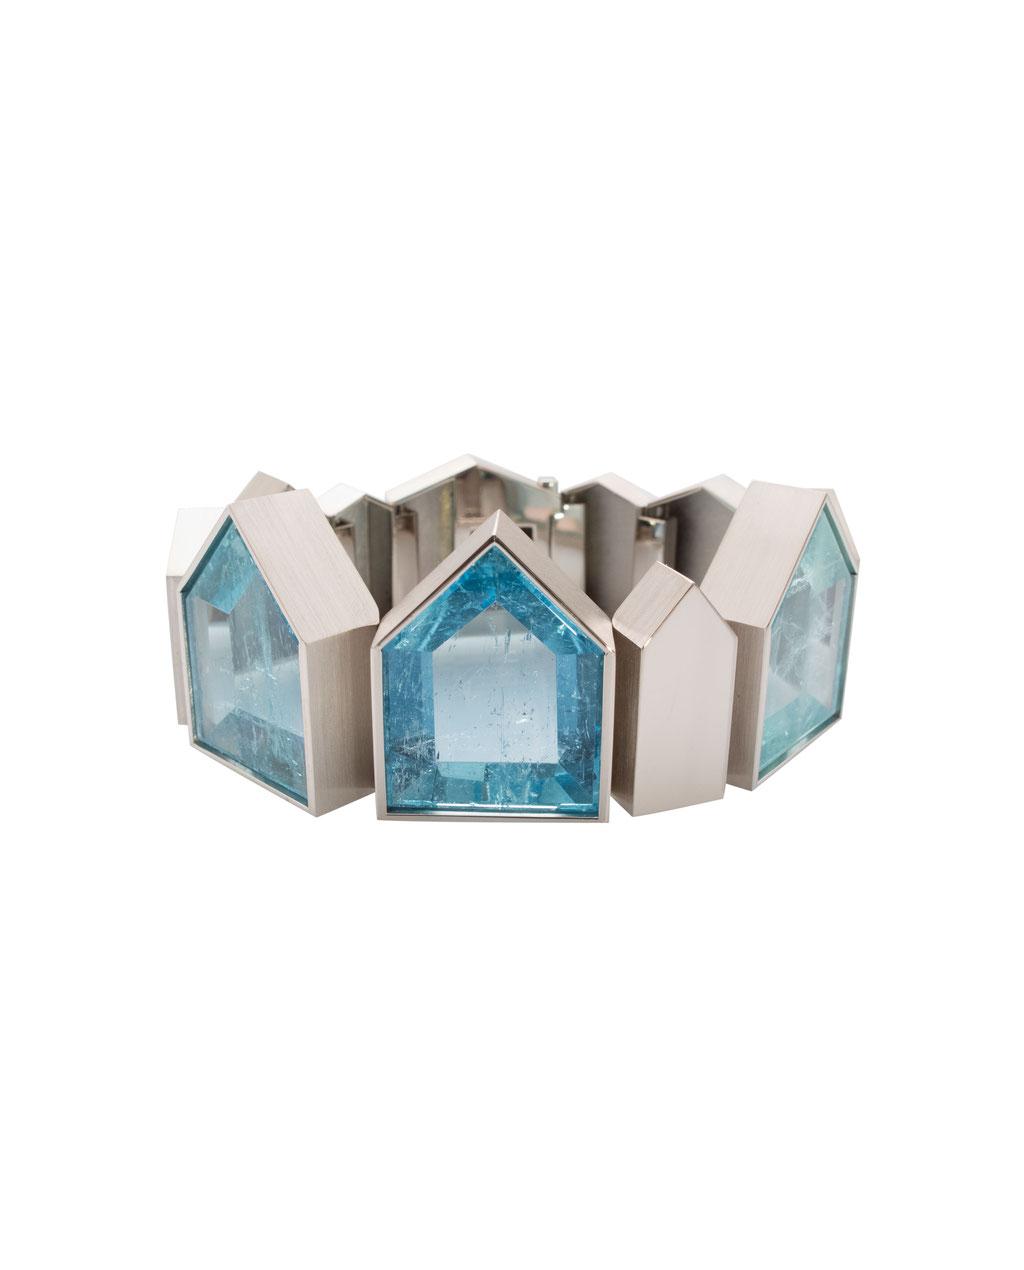 Armband mit Aquamarin 117,36 carat, in 18 karat Weißgold, Preis auf Anfrage